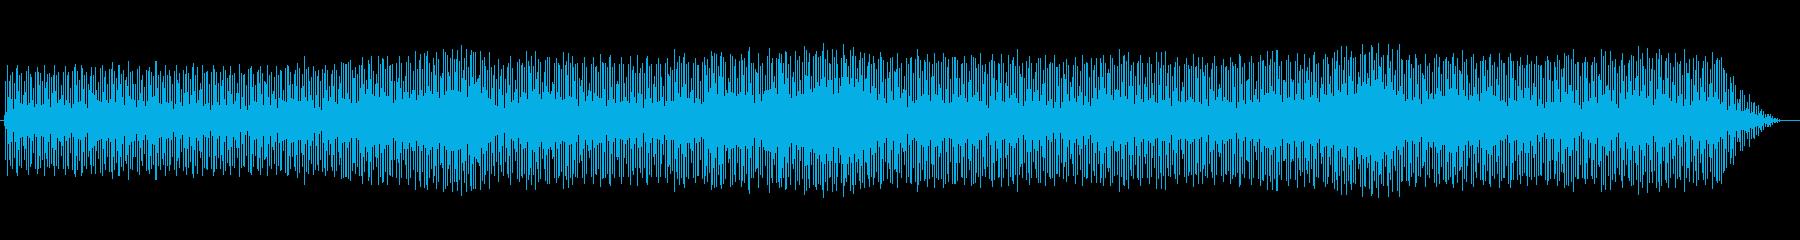 笛の音が印象的なシンセミュージックの再生済みの波形